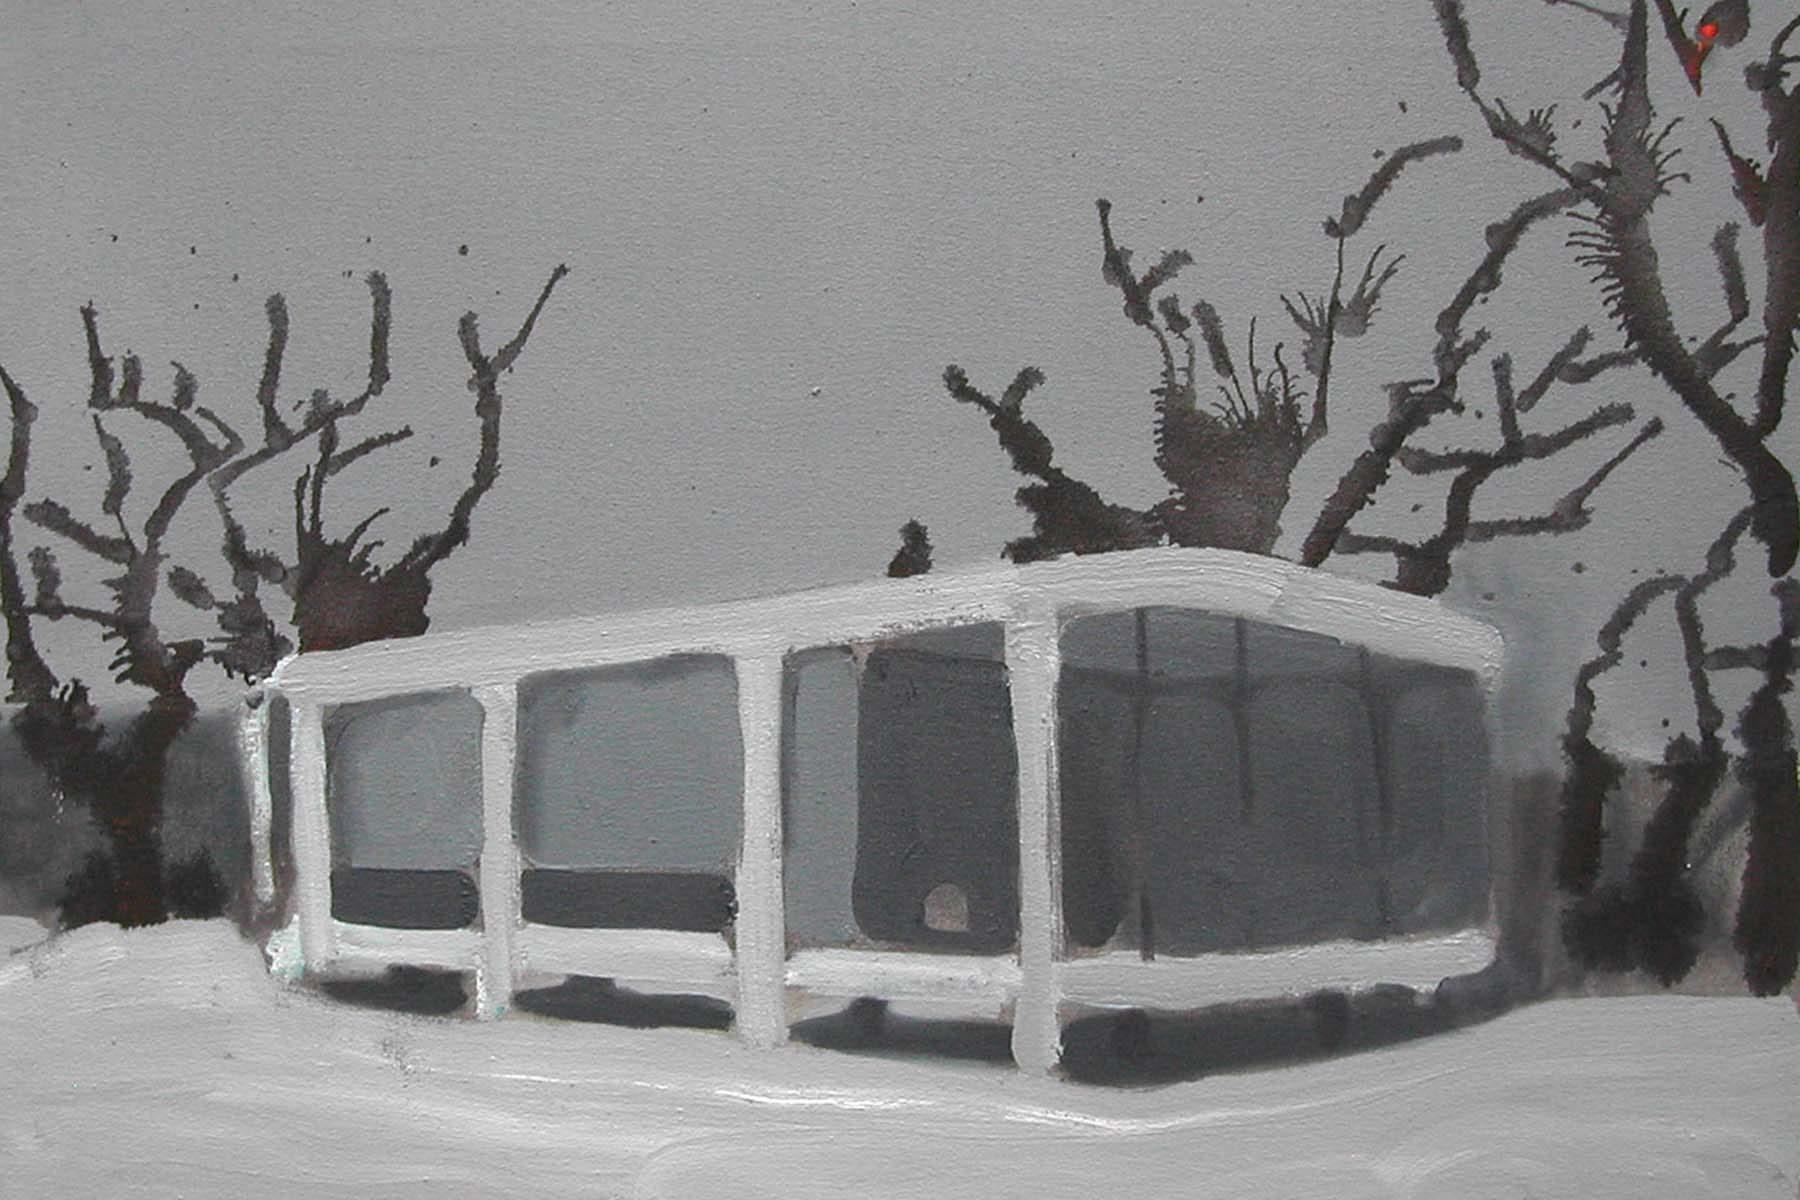 Nebojša Despotović, Concrete Chamber, 2010, olio su tela, 50 x 40 cm